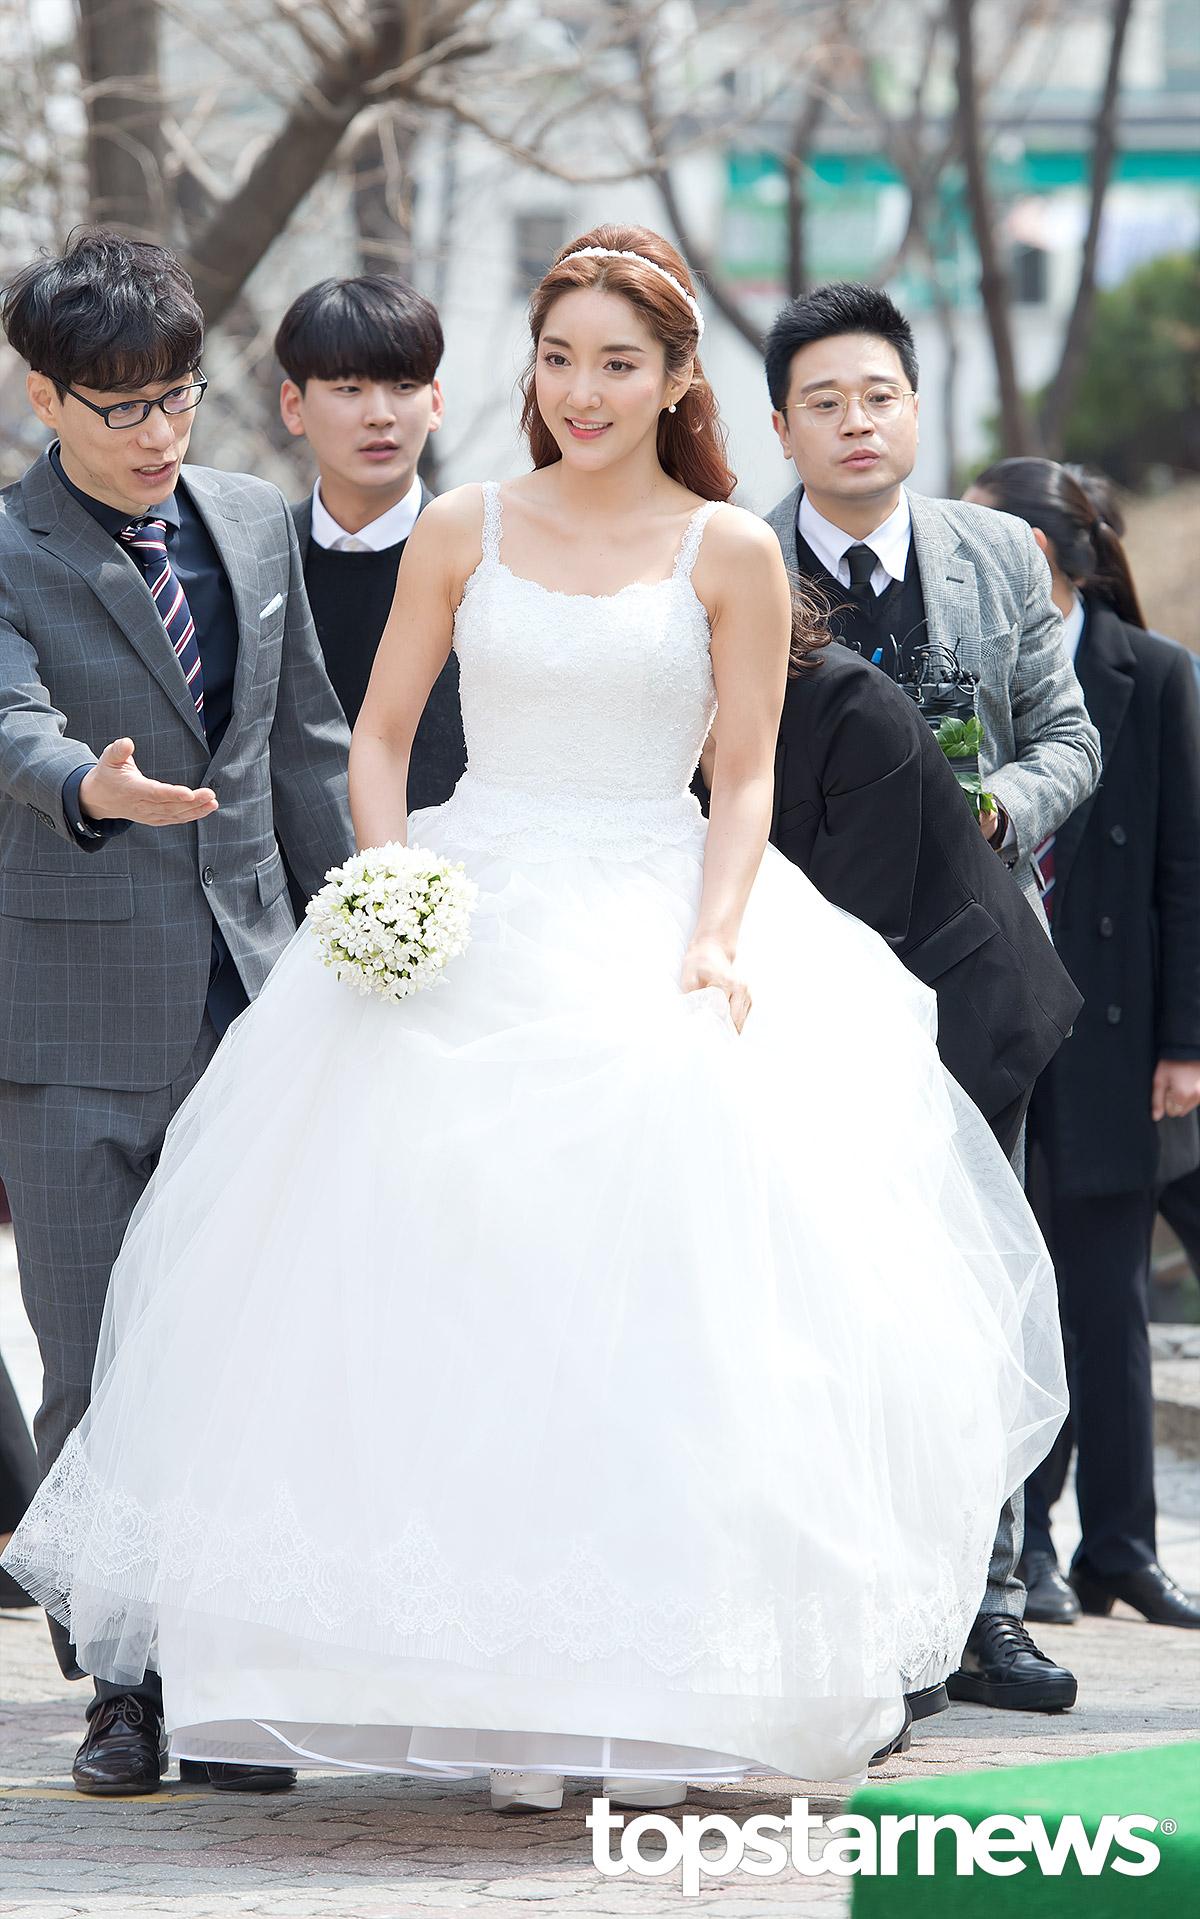 Sao Hàn: Hôn lễ đẹp nhất xứ Hàn: Nhóm nhạc S.E.S tái hợp, chủ tịch SM Lee Soo Man cùng dàn sao